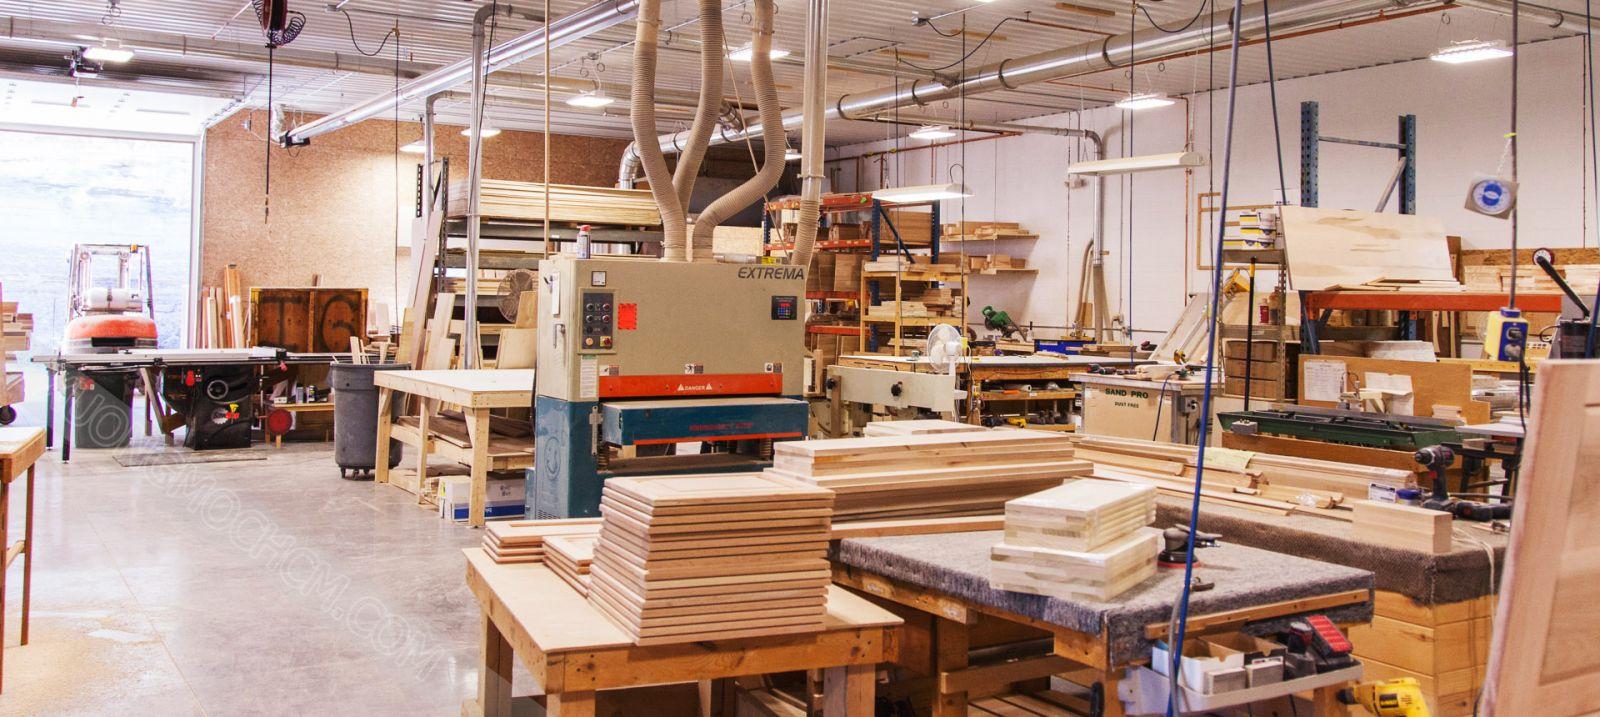 Furniture workshop image